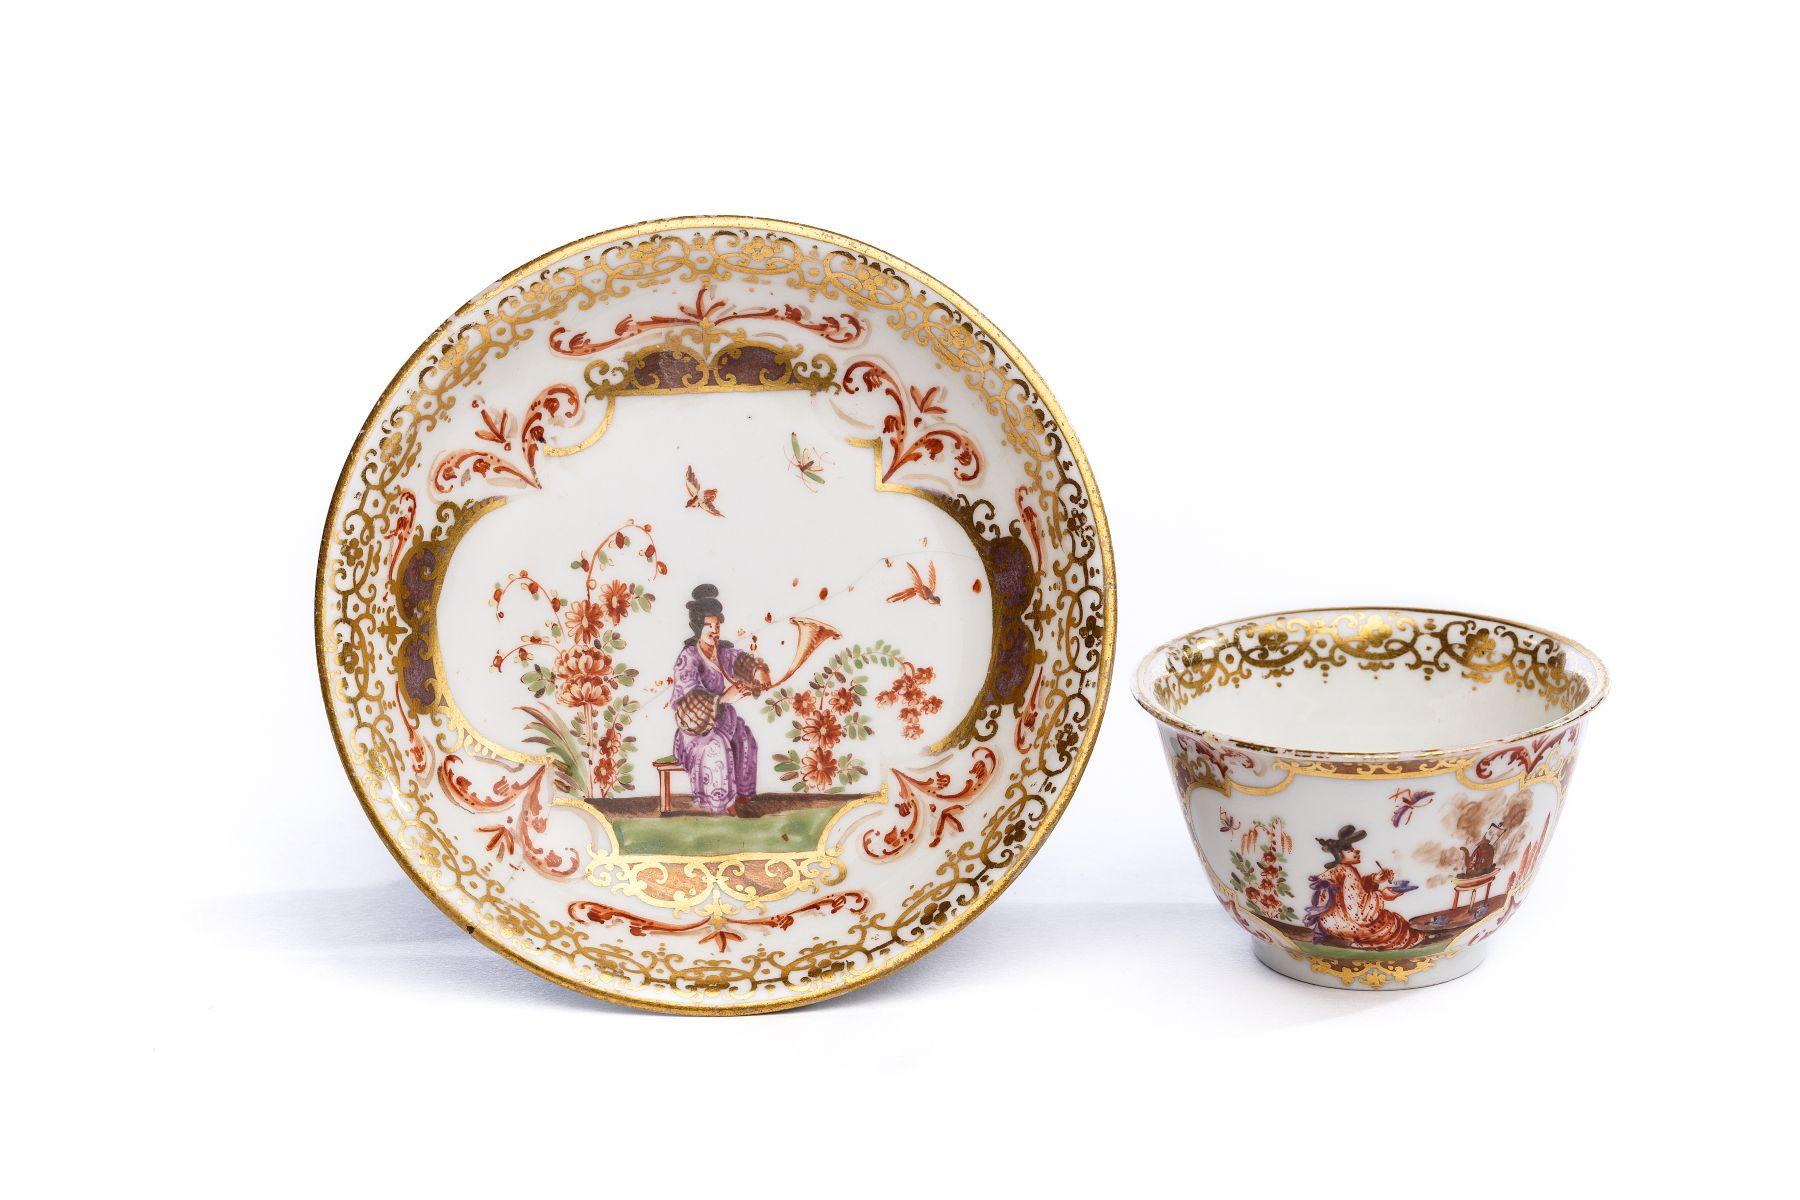 #19 Bowl with Saucer, Meissen 1725 | Koppchen mit Unterschale, Meissen 1725 Image